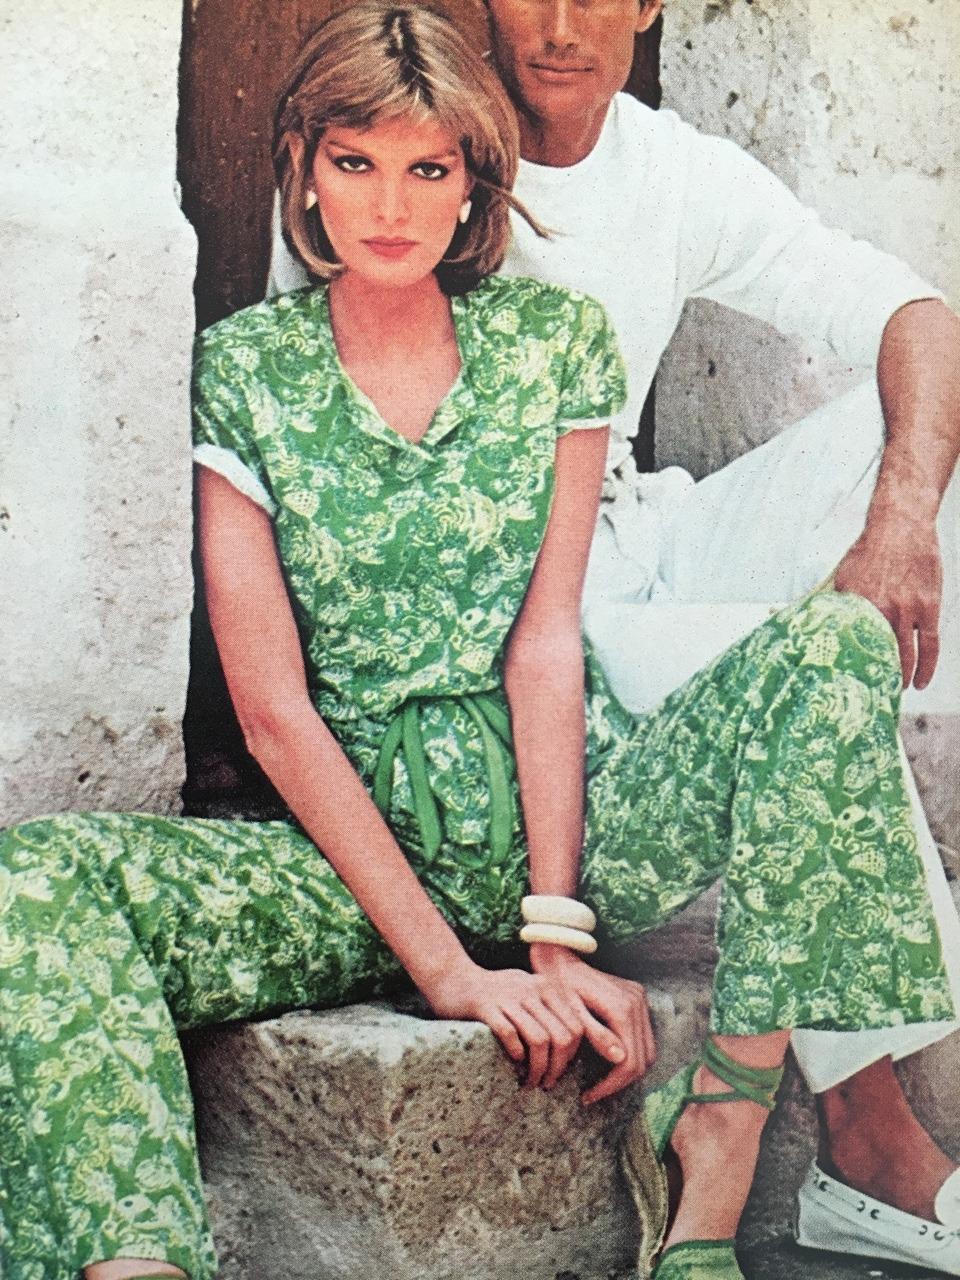 Vogue. May 1976.